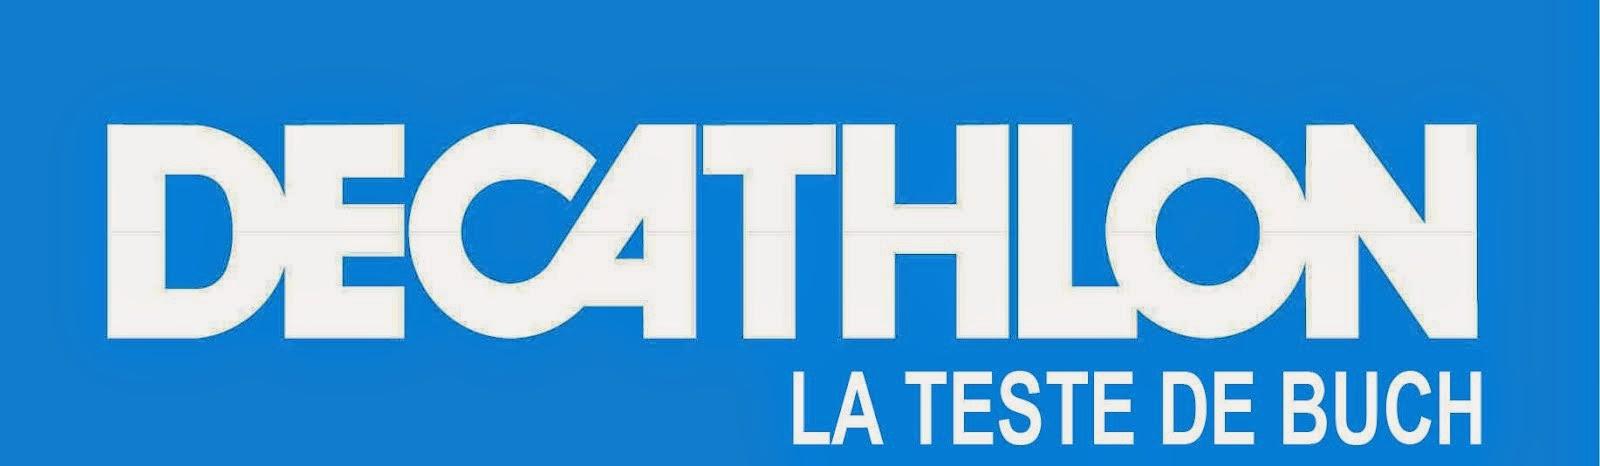 DECATHLON LA TESTE